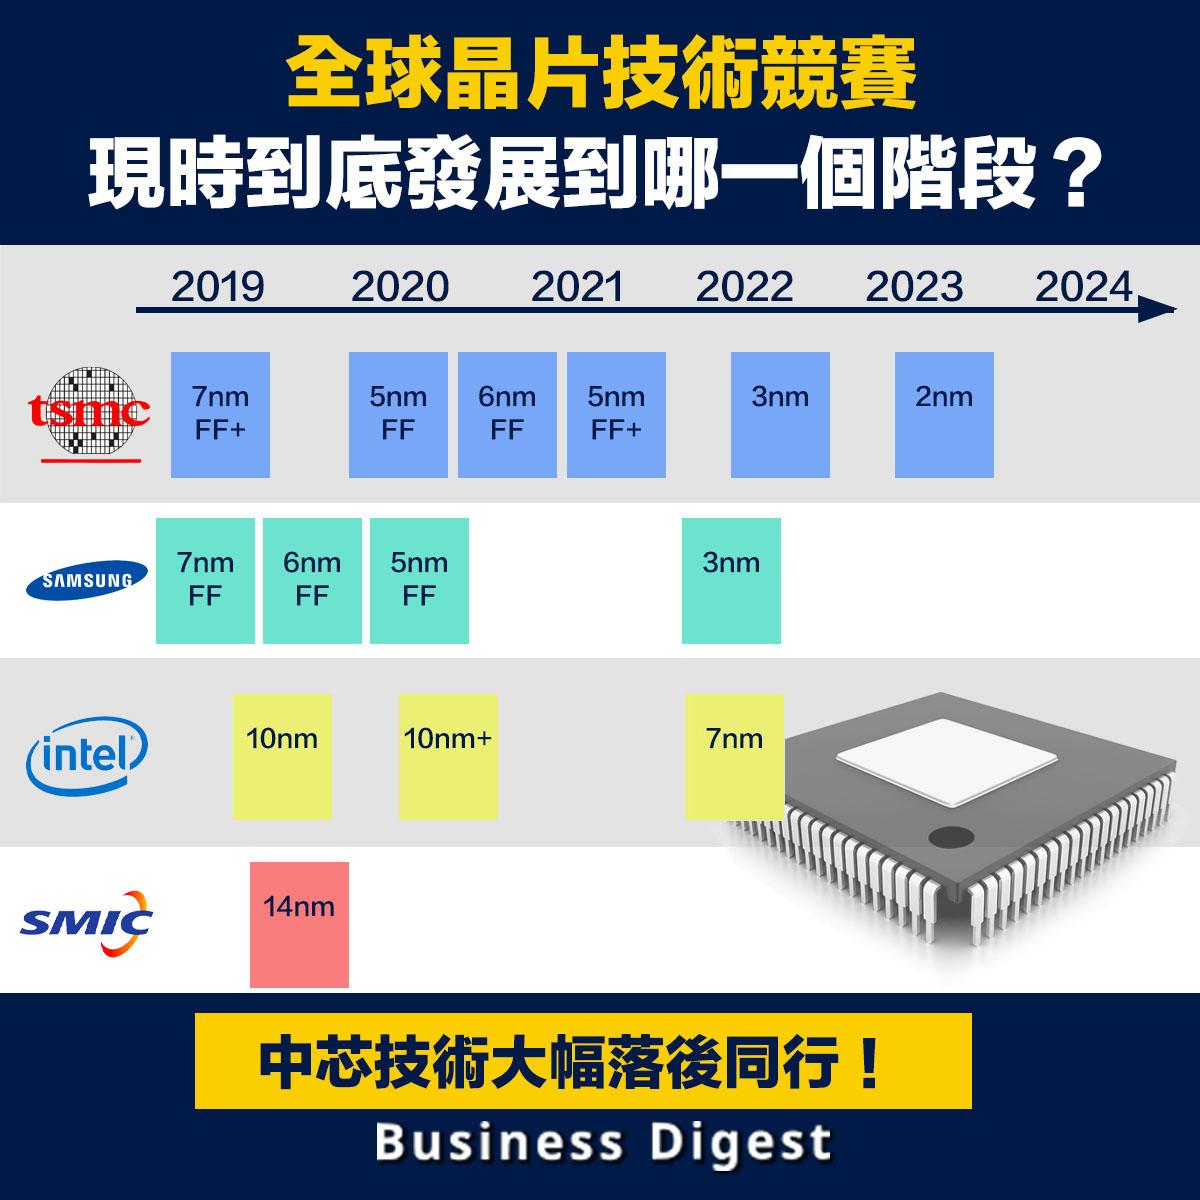 全球晶片技術競賽,現時到底發展到哪一個階段?